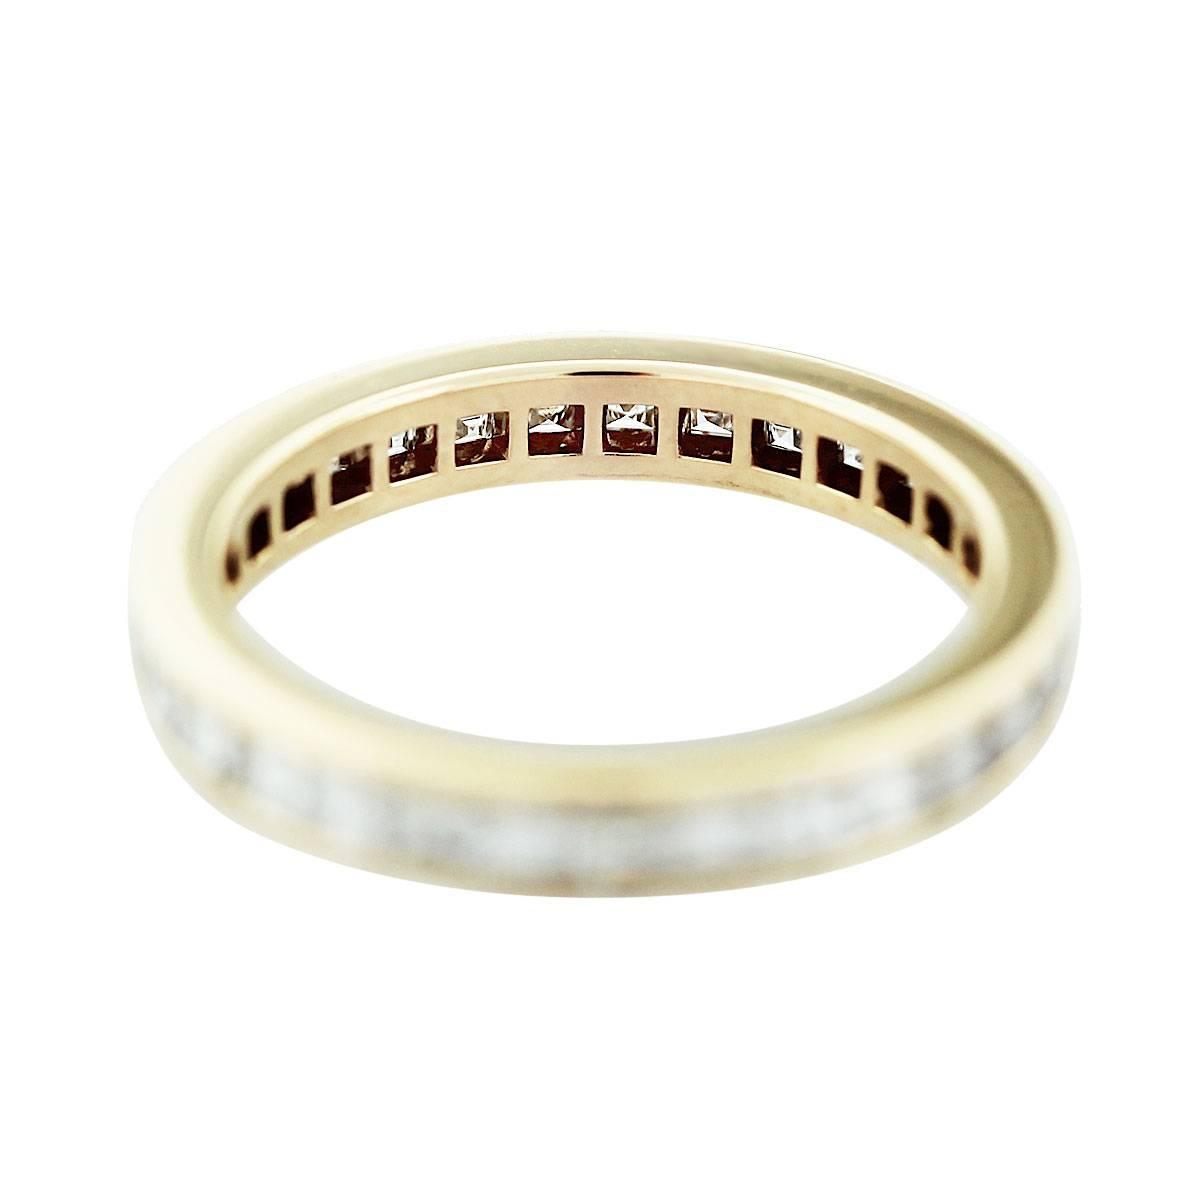 cartier 18k yellow gold asscher cut diamond wedding band throughout cartier wedding bands gallery 9 - Cartier Wedding Ring